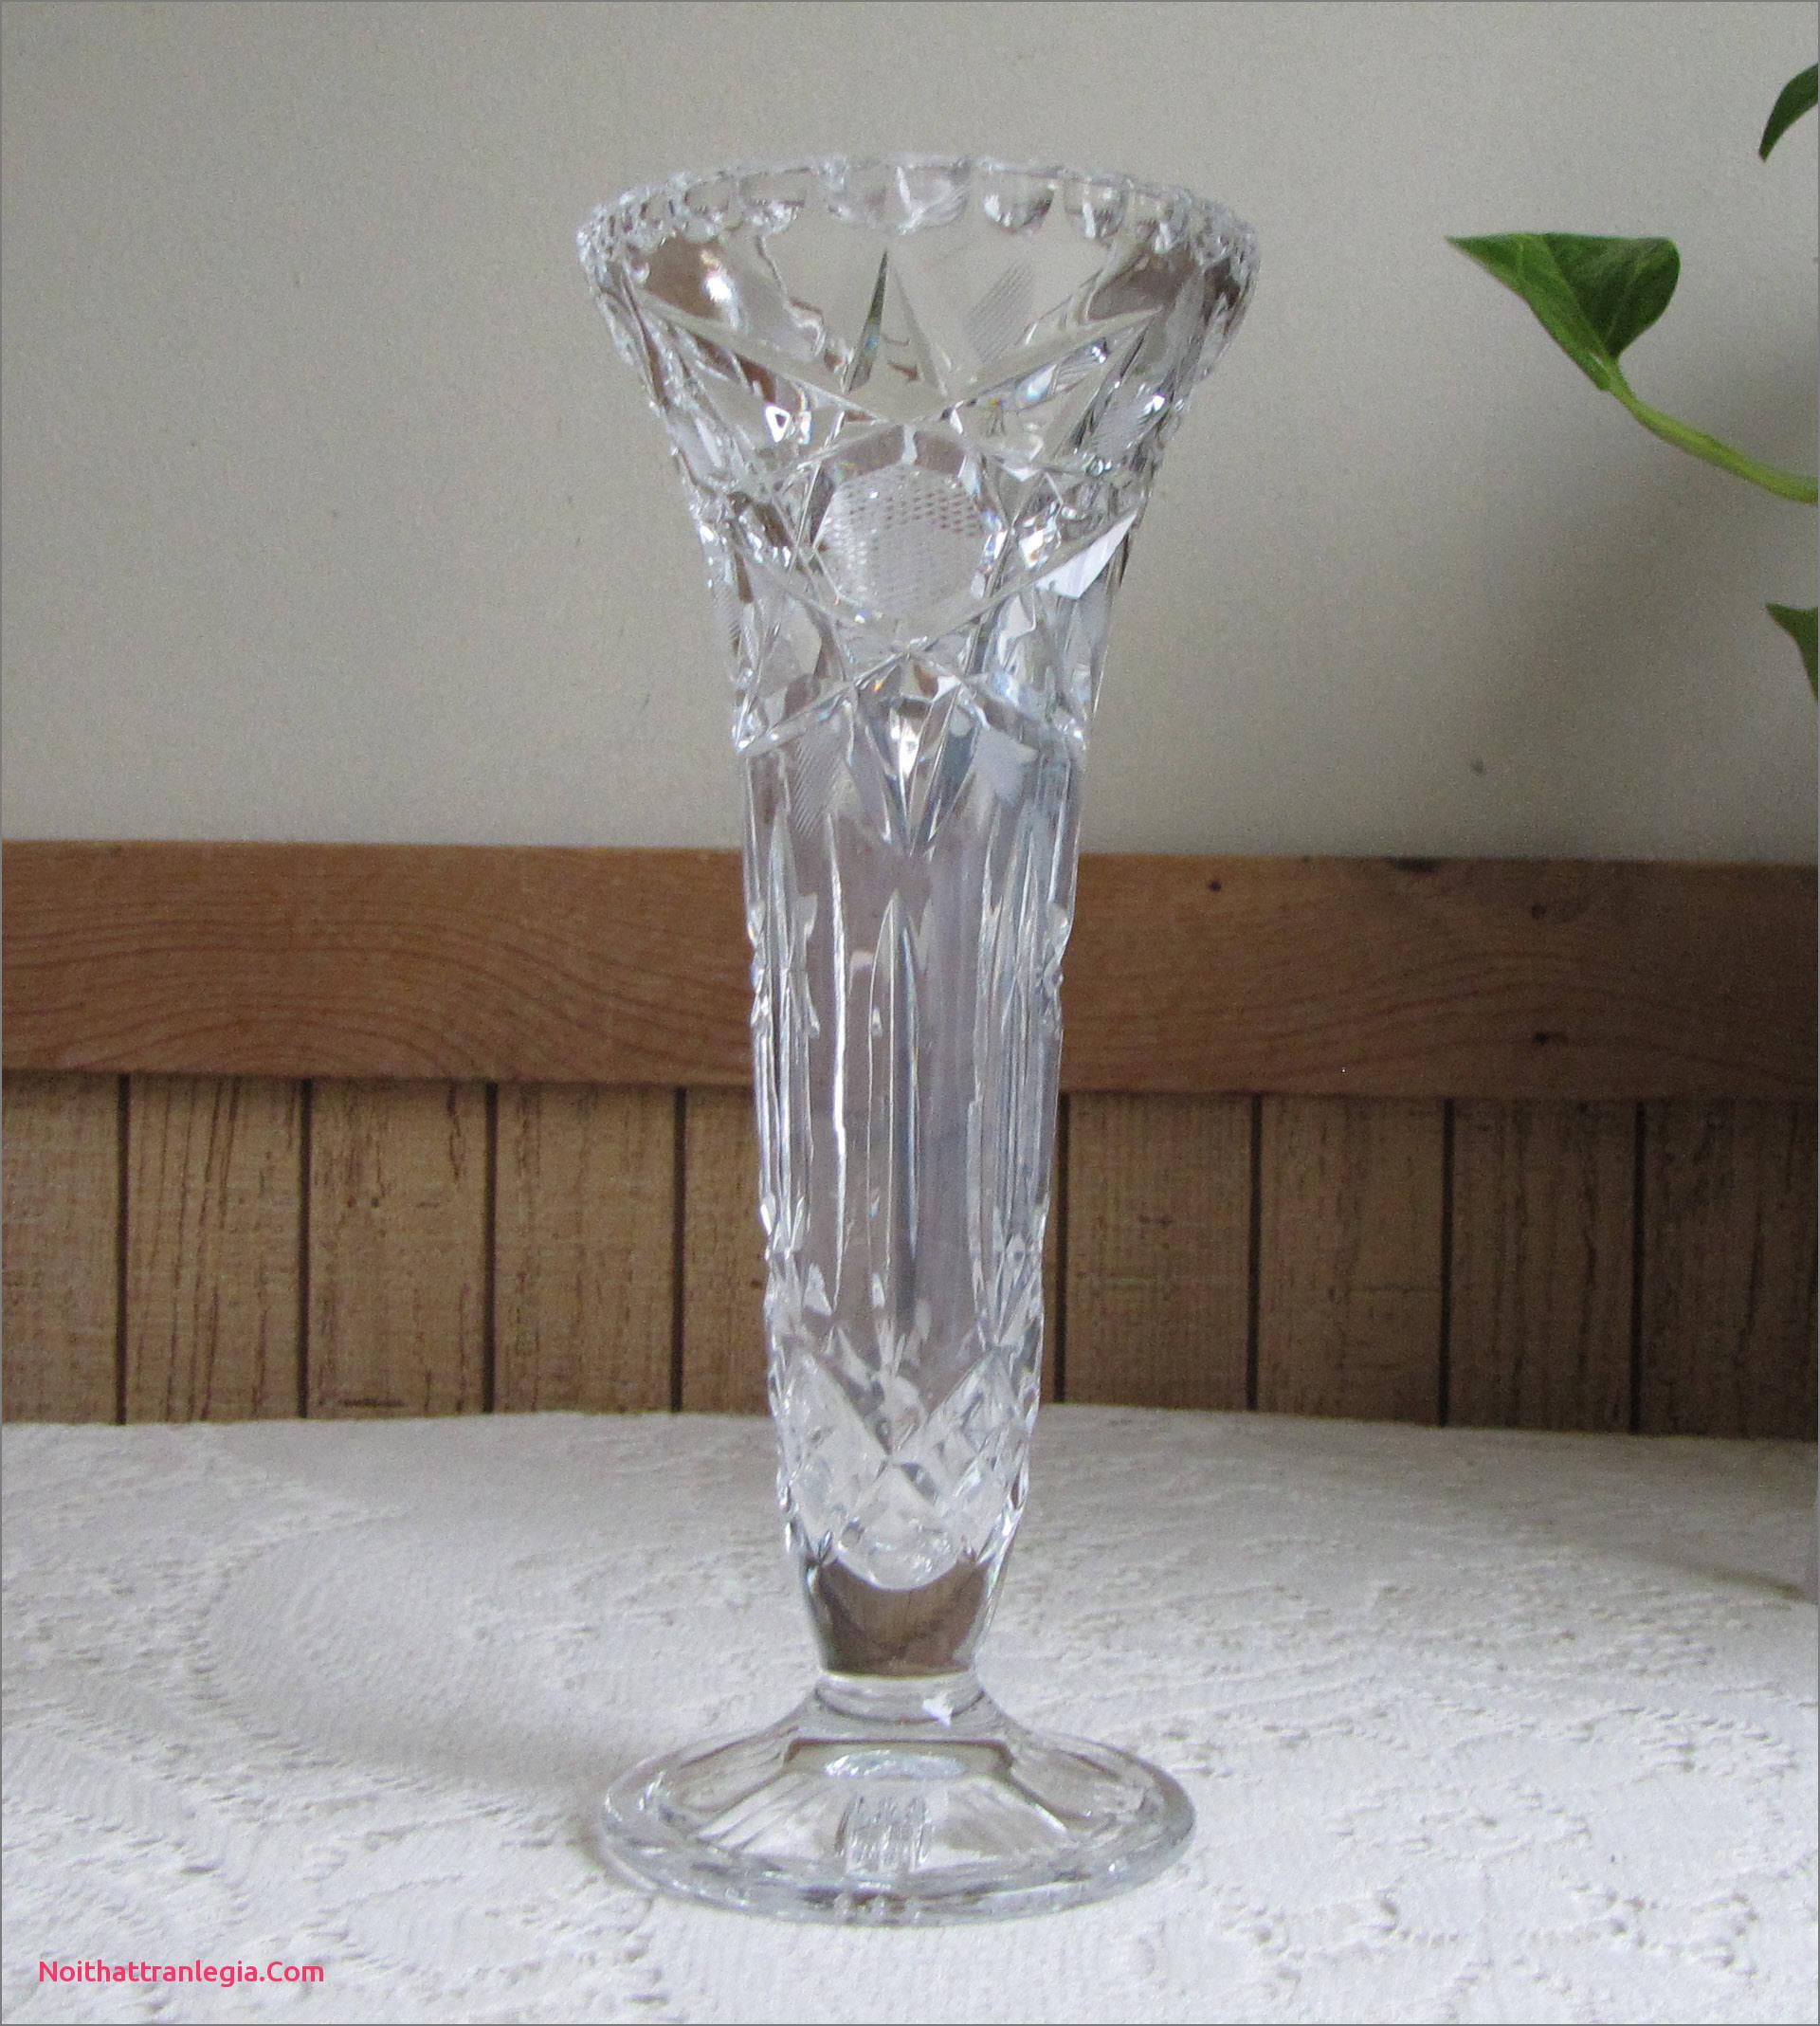 vintage waterford vase of 20 cut glass antique vase noithattranlegia vases design inside crystal vase cut glass flower vase etched waffle and stars footed vintage vases and florist ware